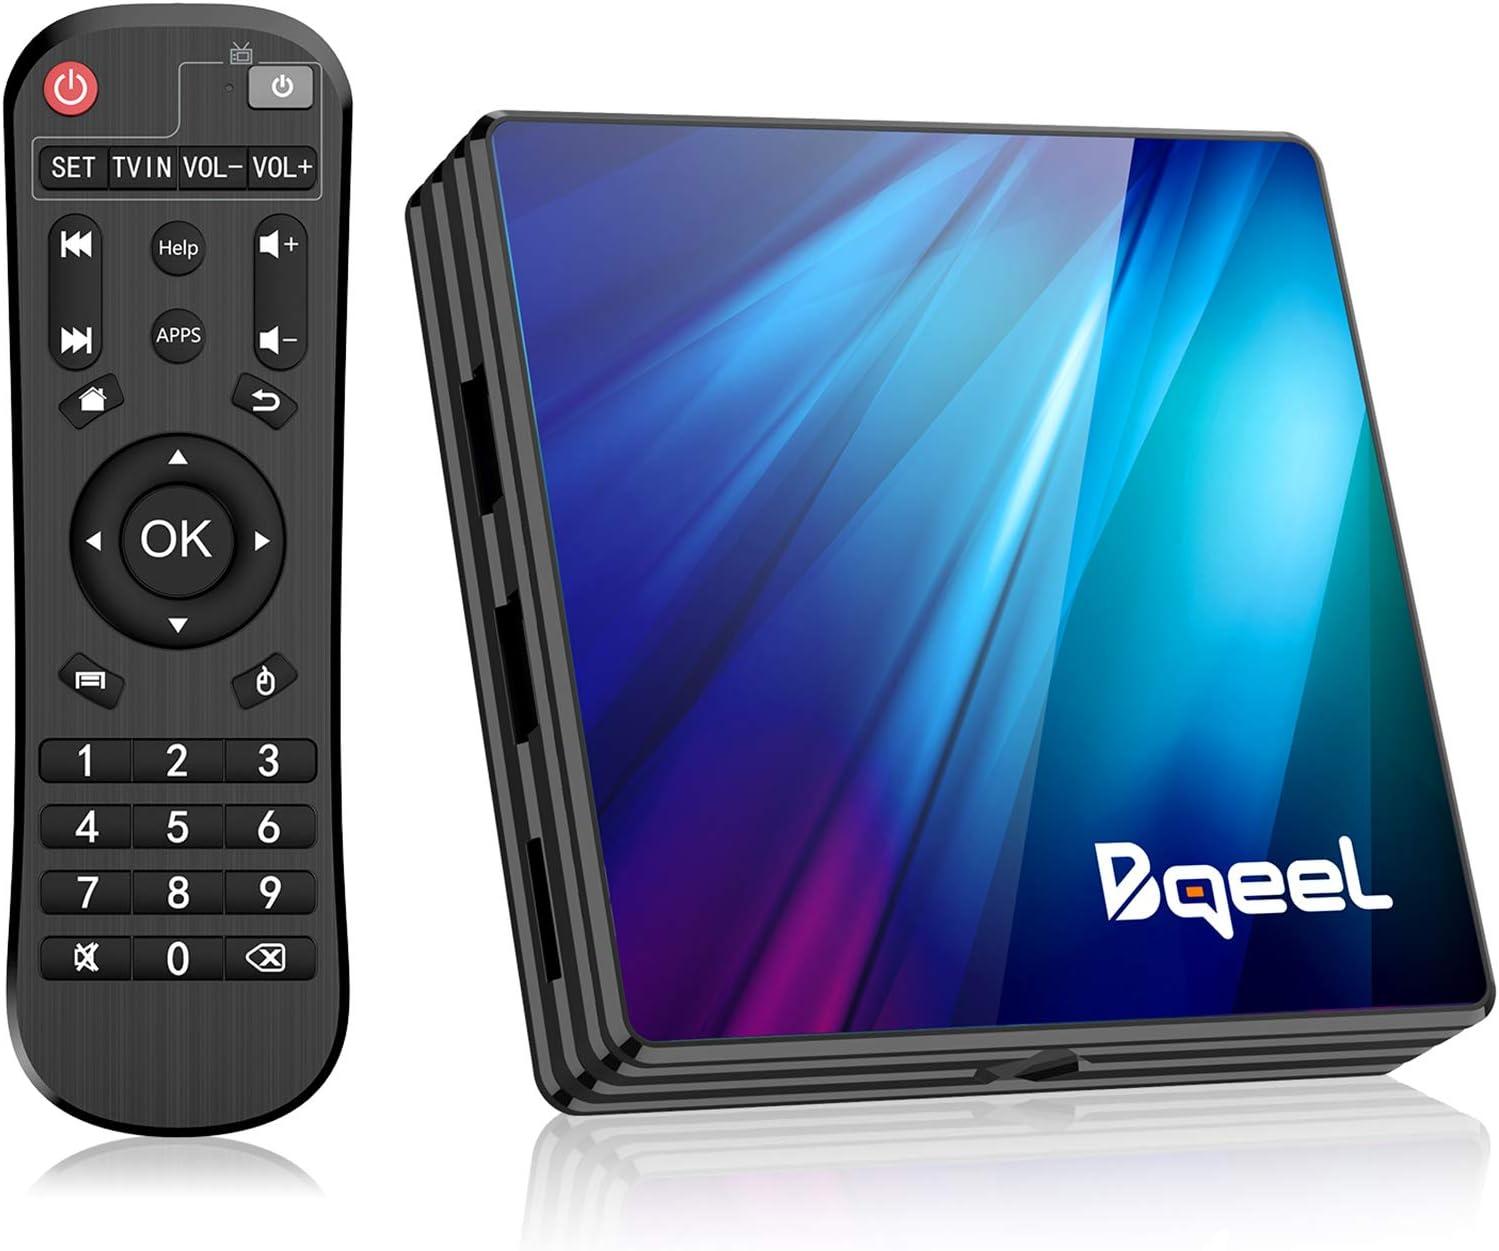 Bqeel Última 10.0 - Android TV Box, 4GB RAM+64GB ROM, RK3318 Quad-Core 64bit Cortex-A53 Soporte 2k*4K, WiFi 2.4G/5G,BT 4.0 ,USB 3.0 Smart TV Box